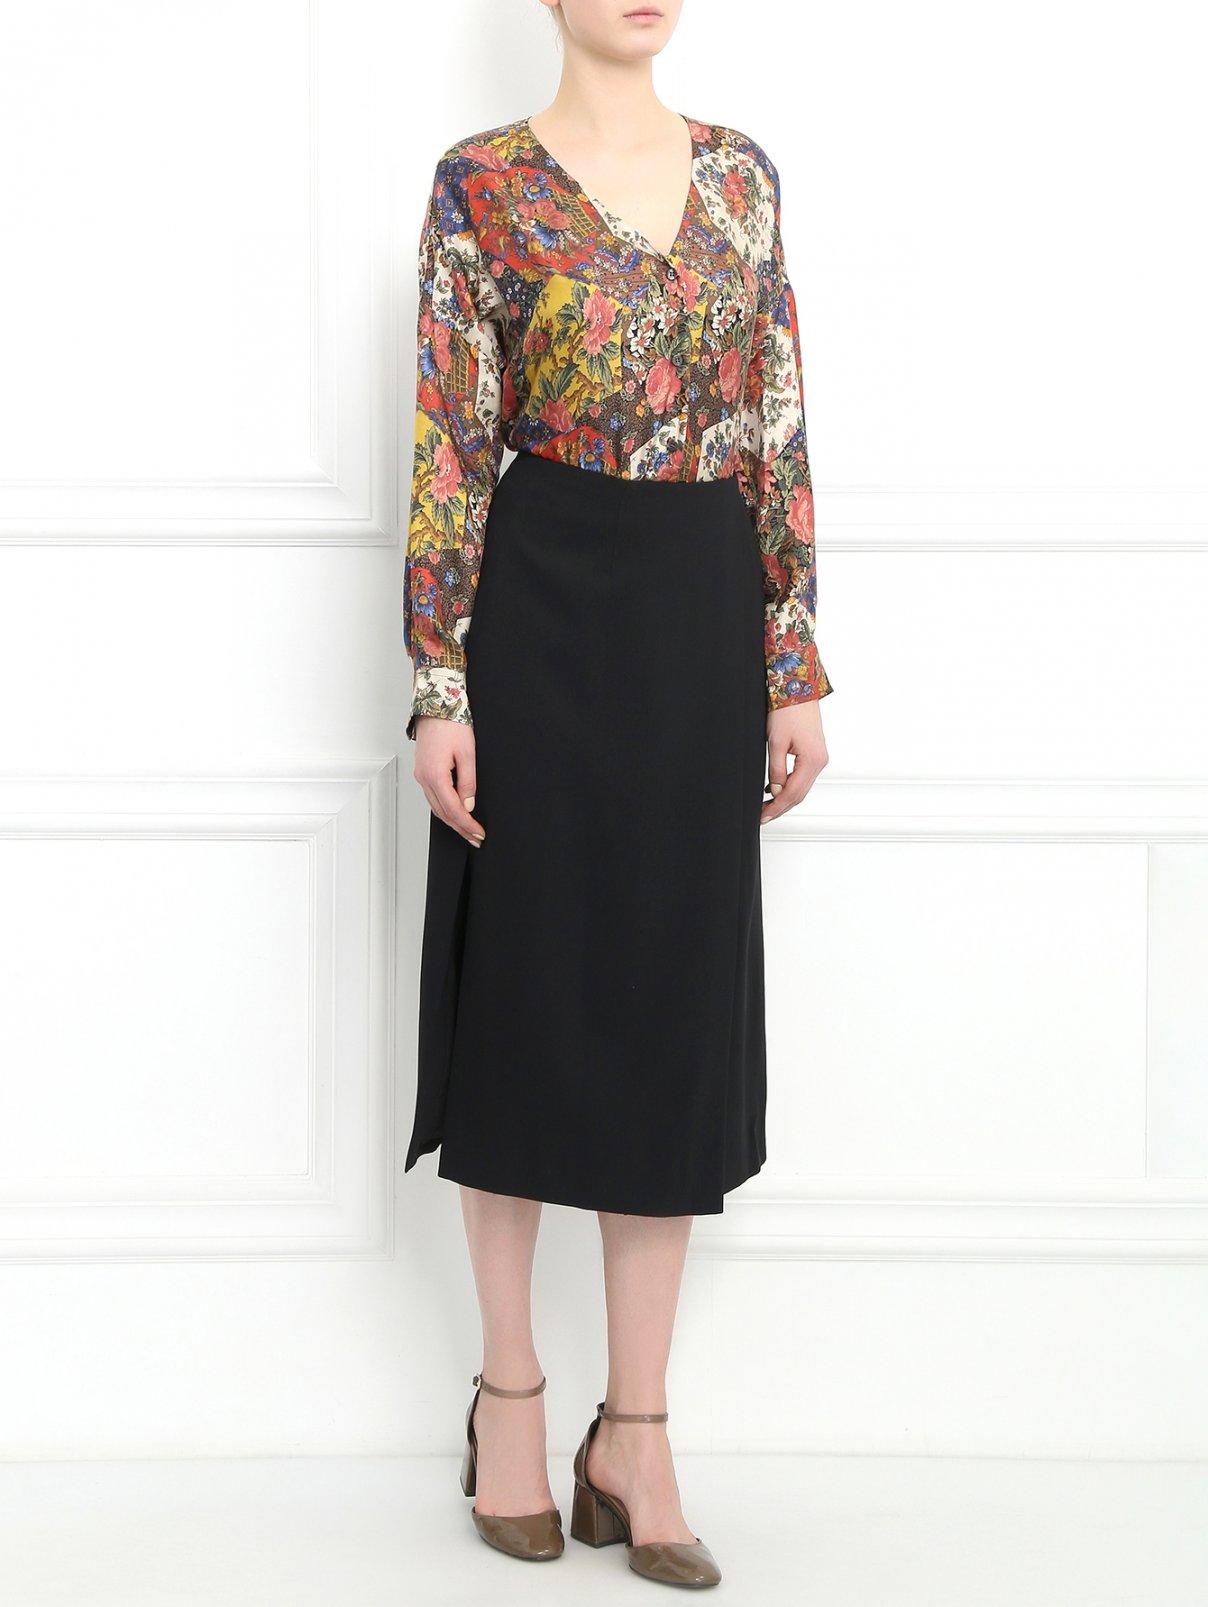 Блуза из шелка с узором Alberto Biani  –  Модель Общий вид  – Цвет:  Мультиколор